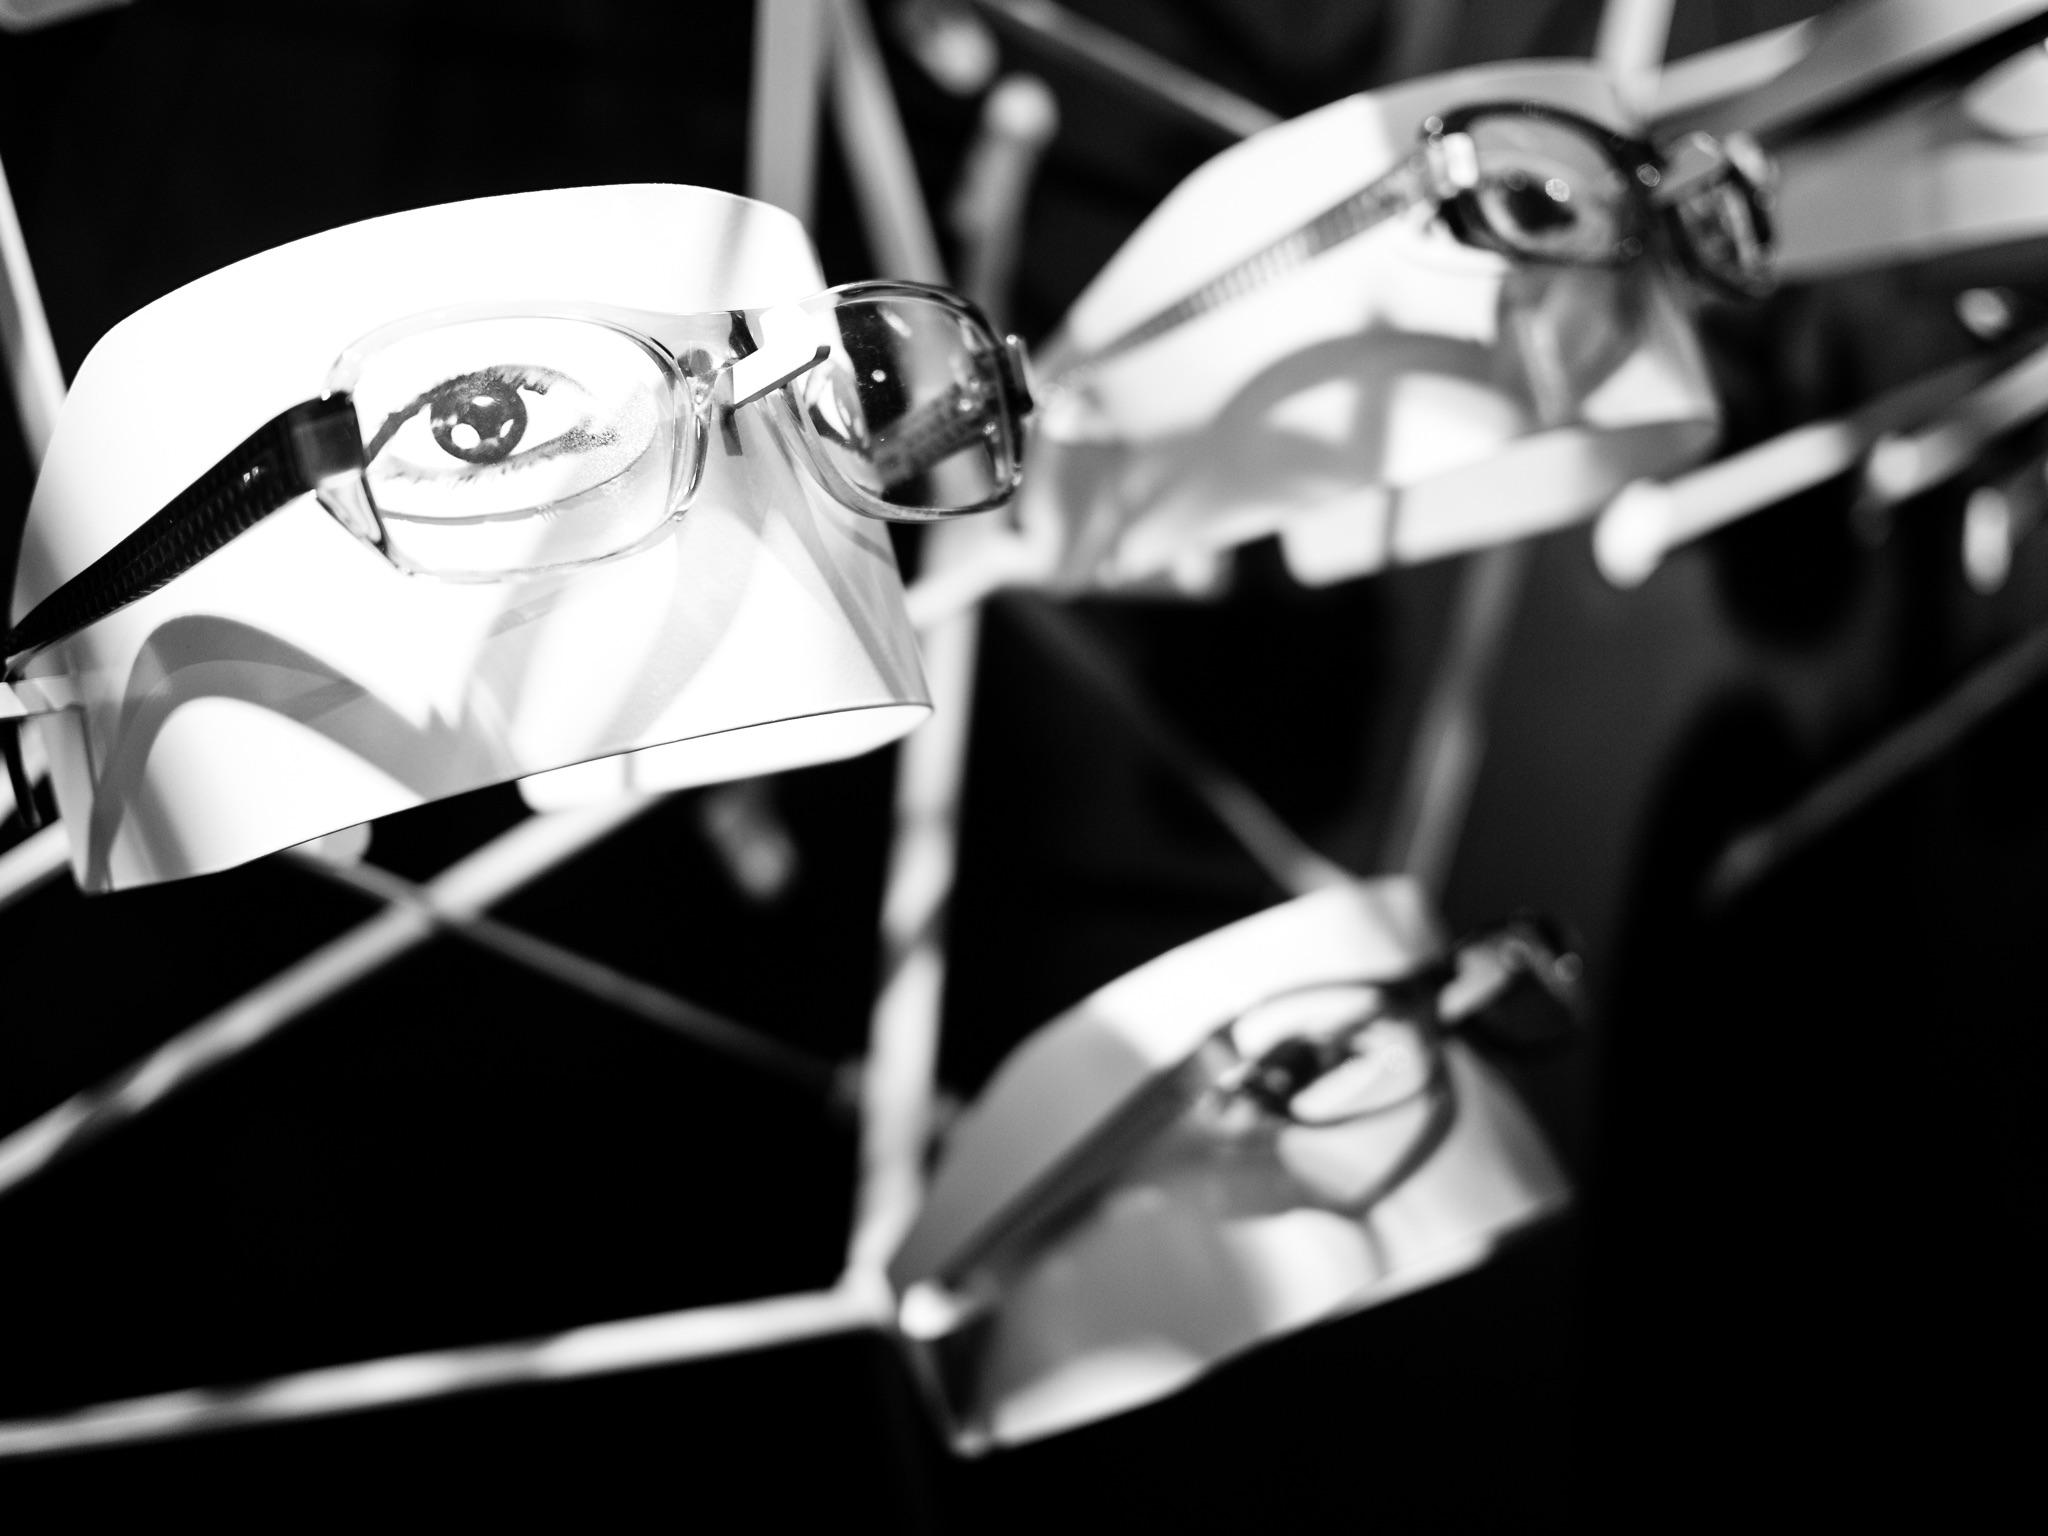 Kirk Originals Store Launch Event Eyewear Glsses London Conduit Street Sara Darling Bunnipunch Lois Waller Jason Kirk